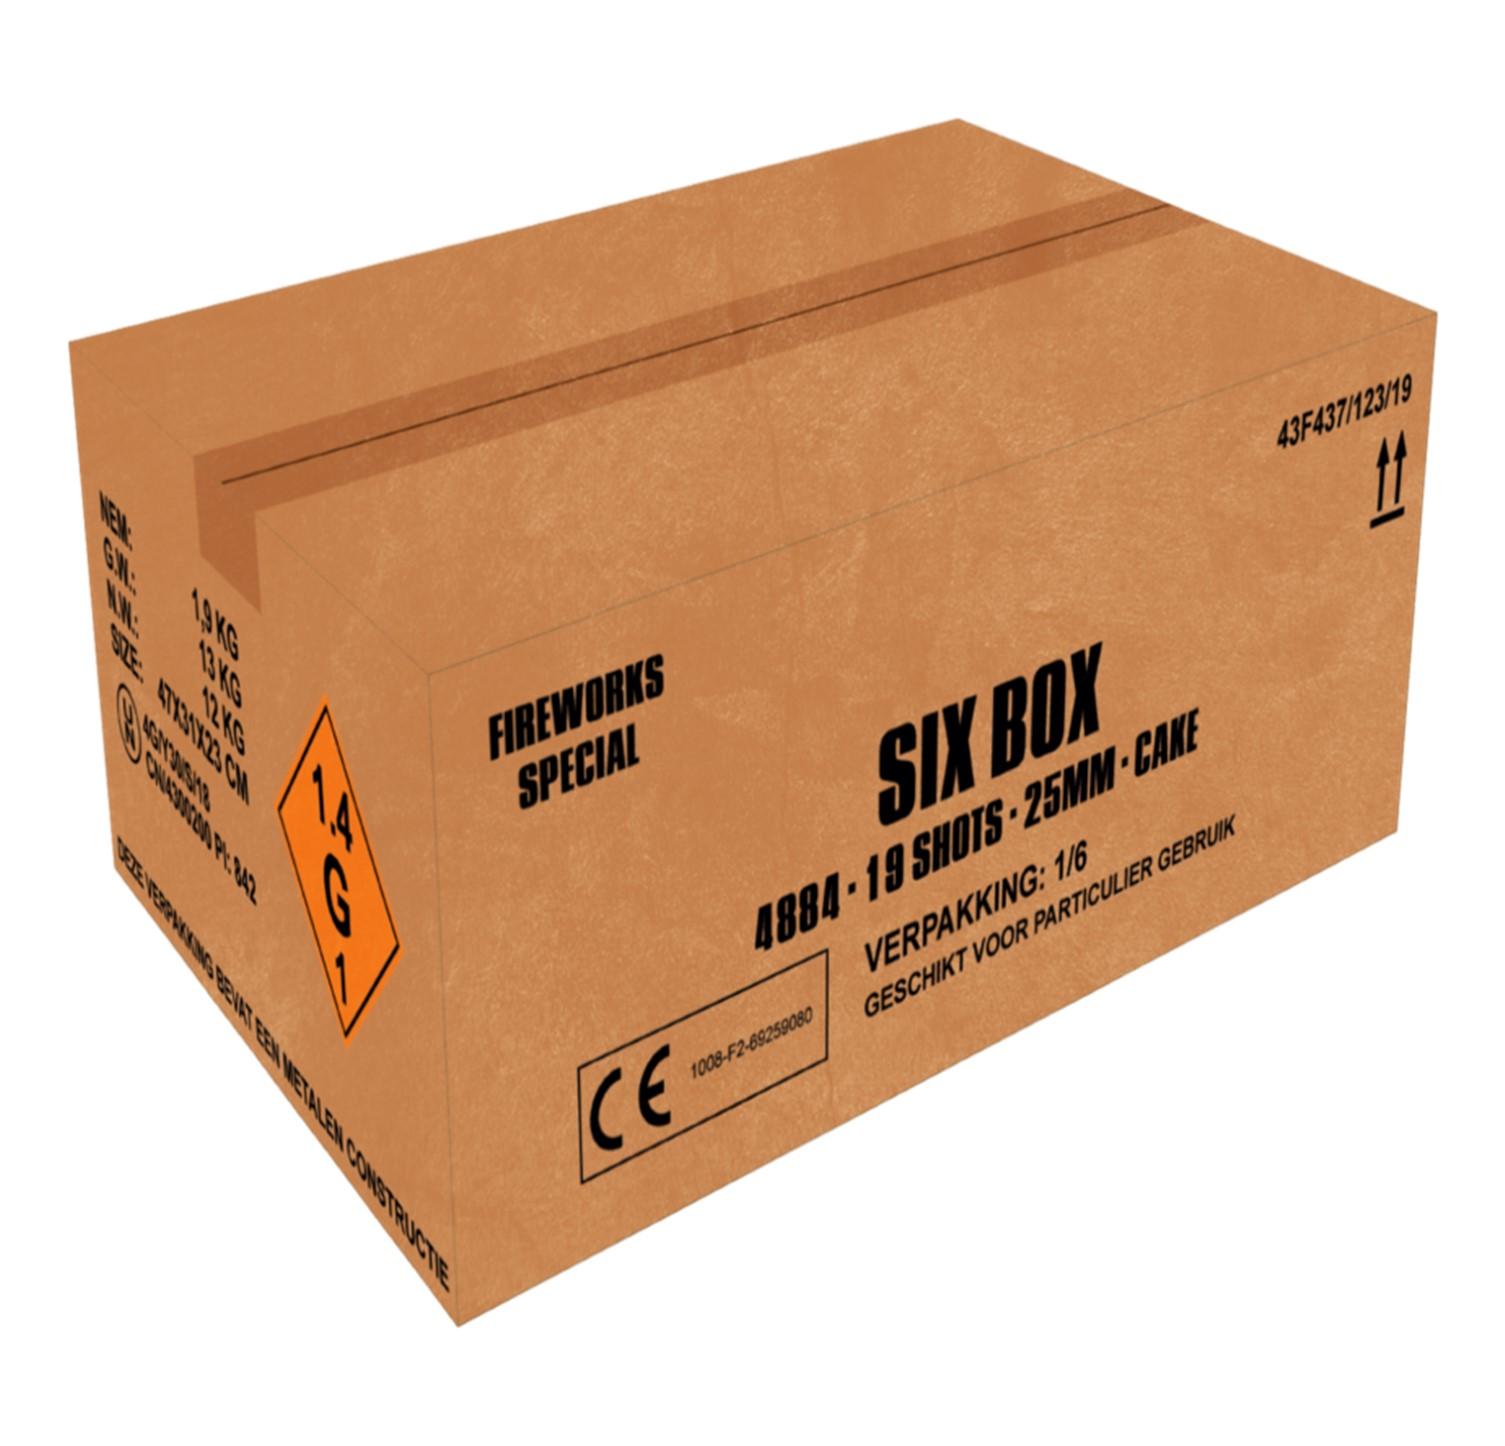 ART. 4884 SIX ASS. BOX, 6 X 19 ASS. BOX